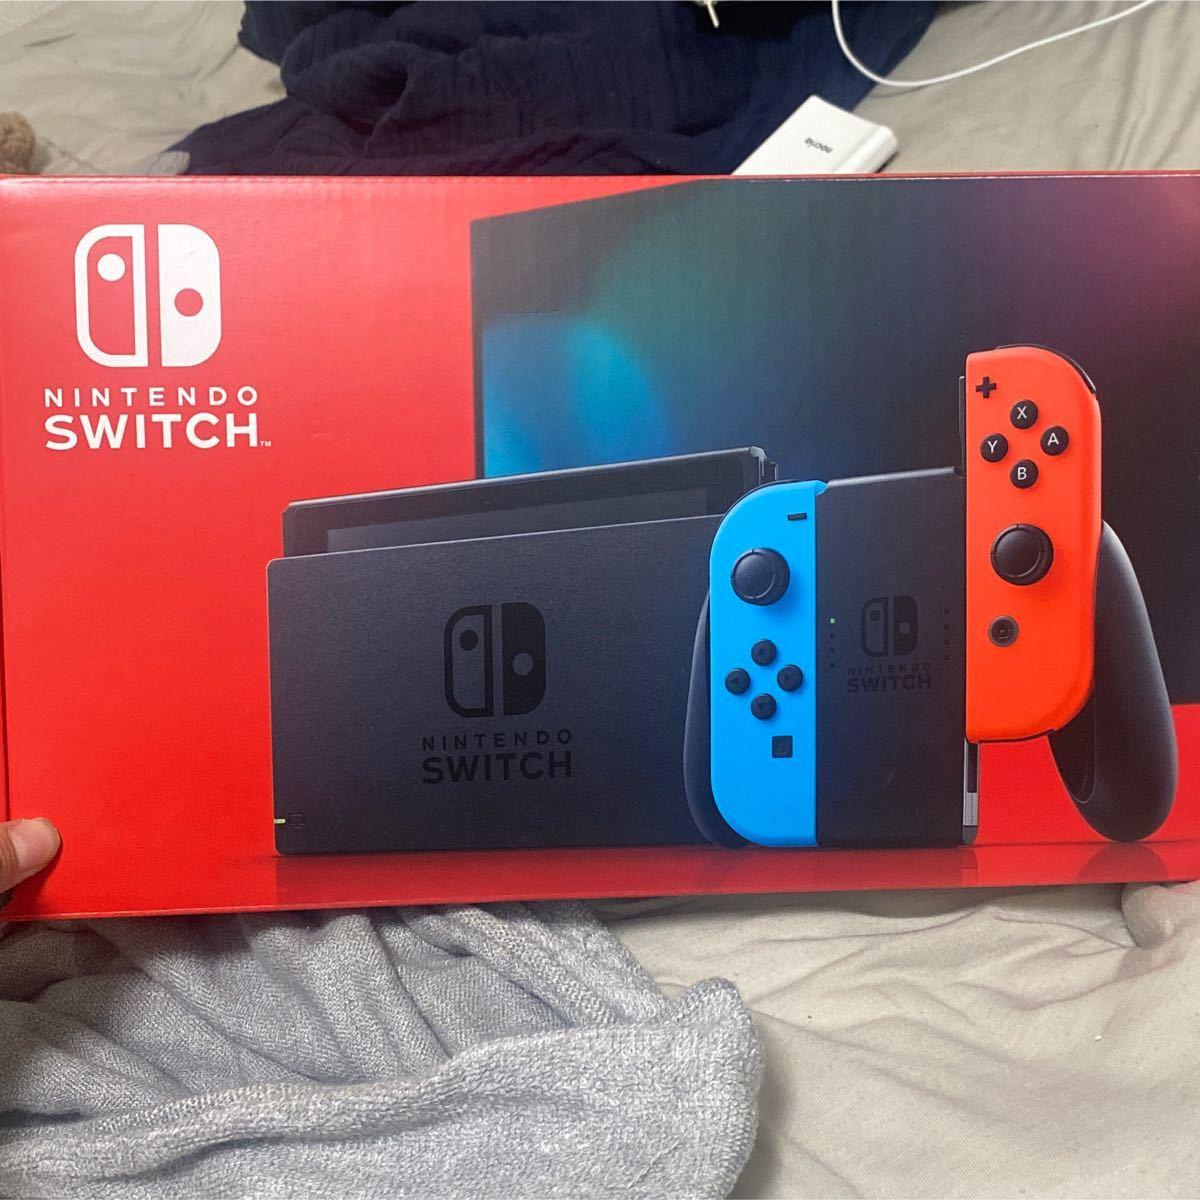 ネオンブルー ネオンレッド Nintendo Switch Switch本体 Nintendo Joy-Con (L)